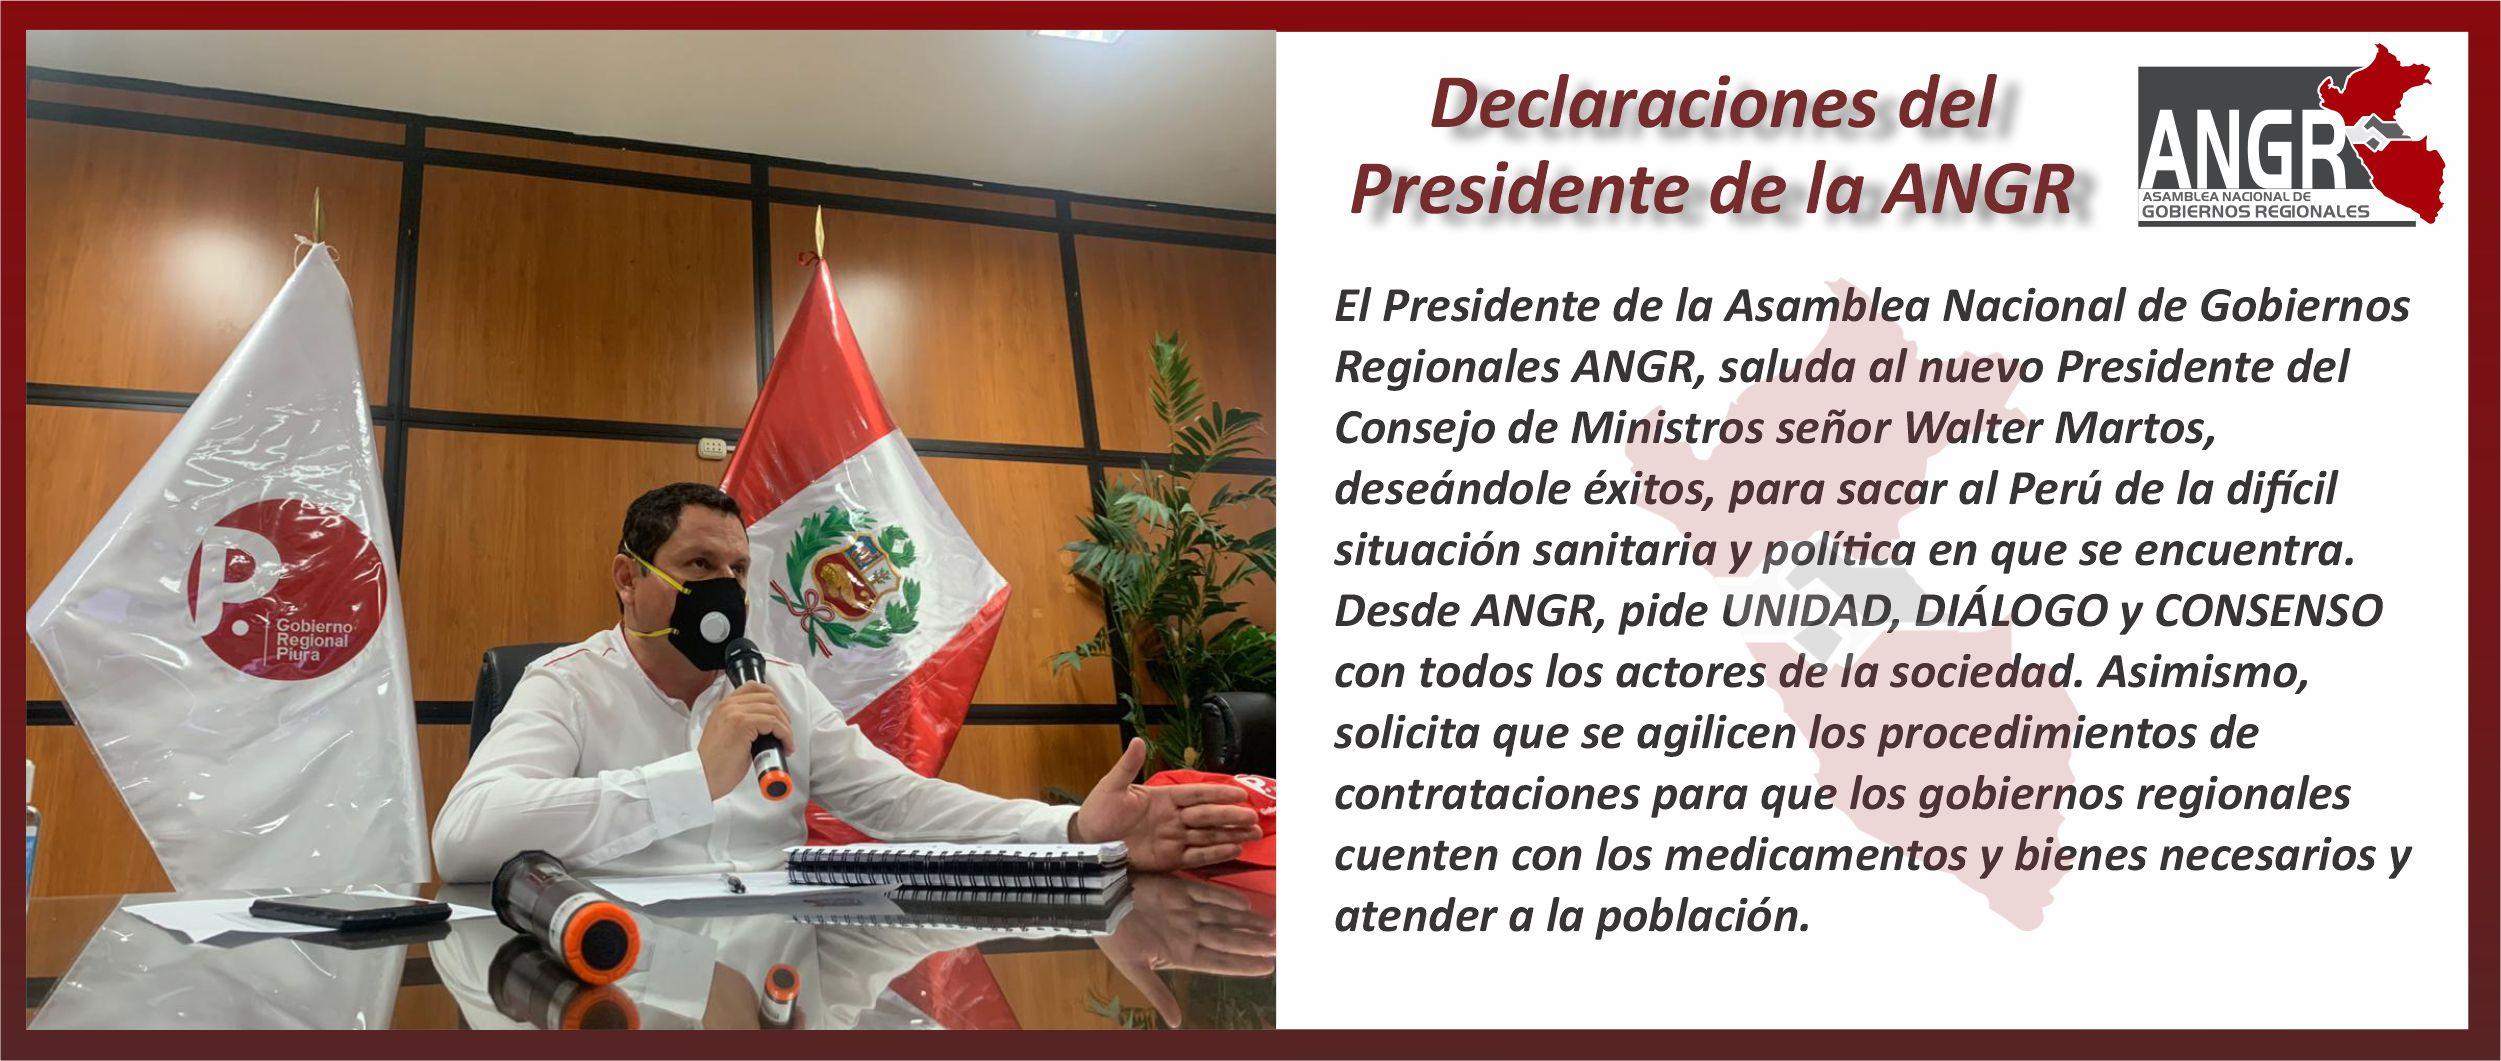 DECLARACIONES DEL PRESIDENTE DE LA ANGR